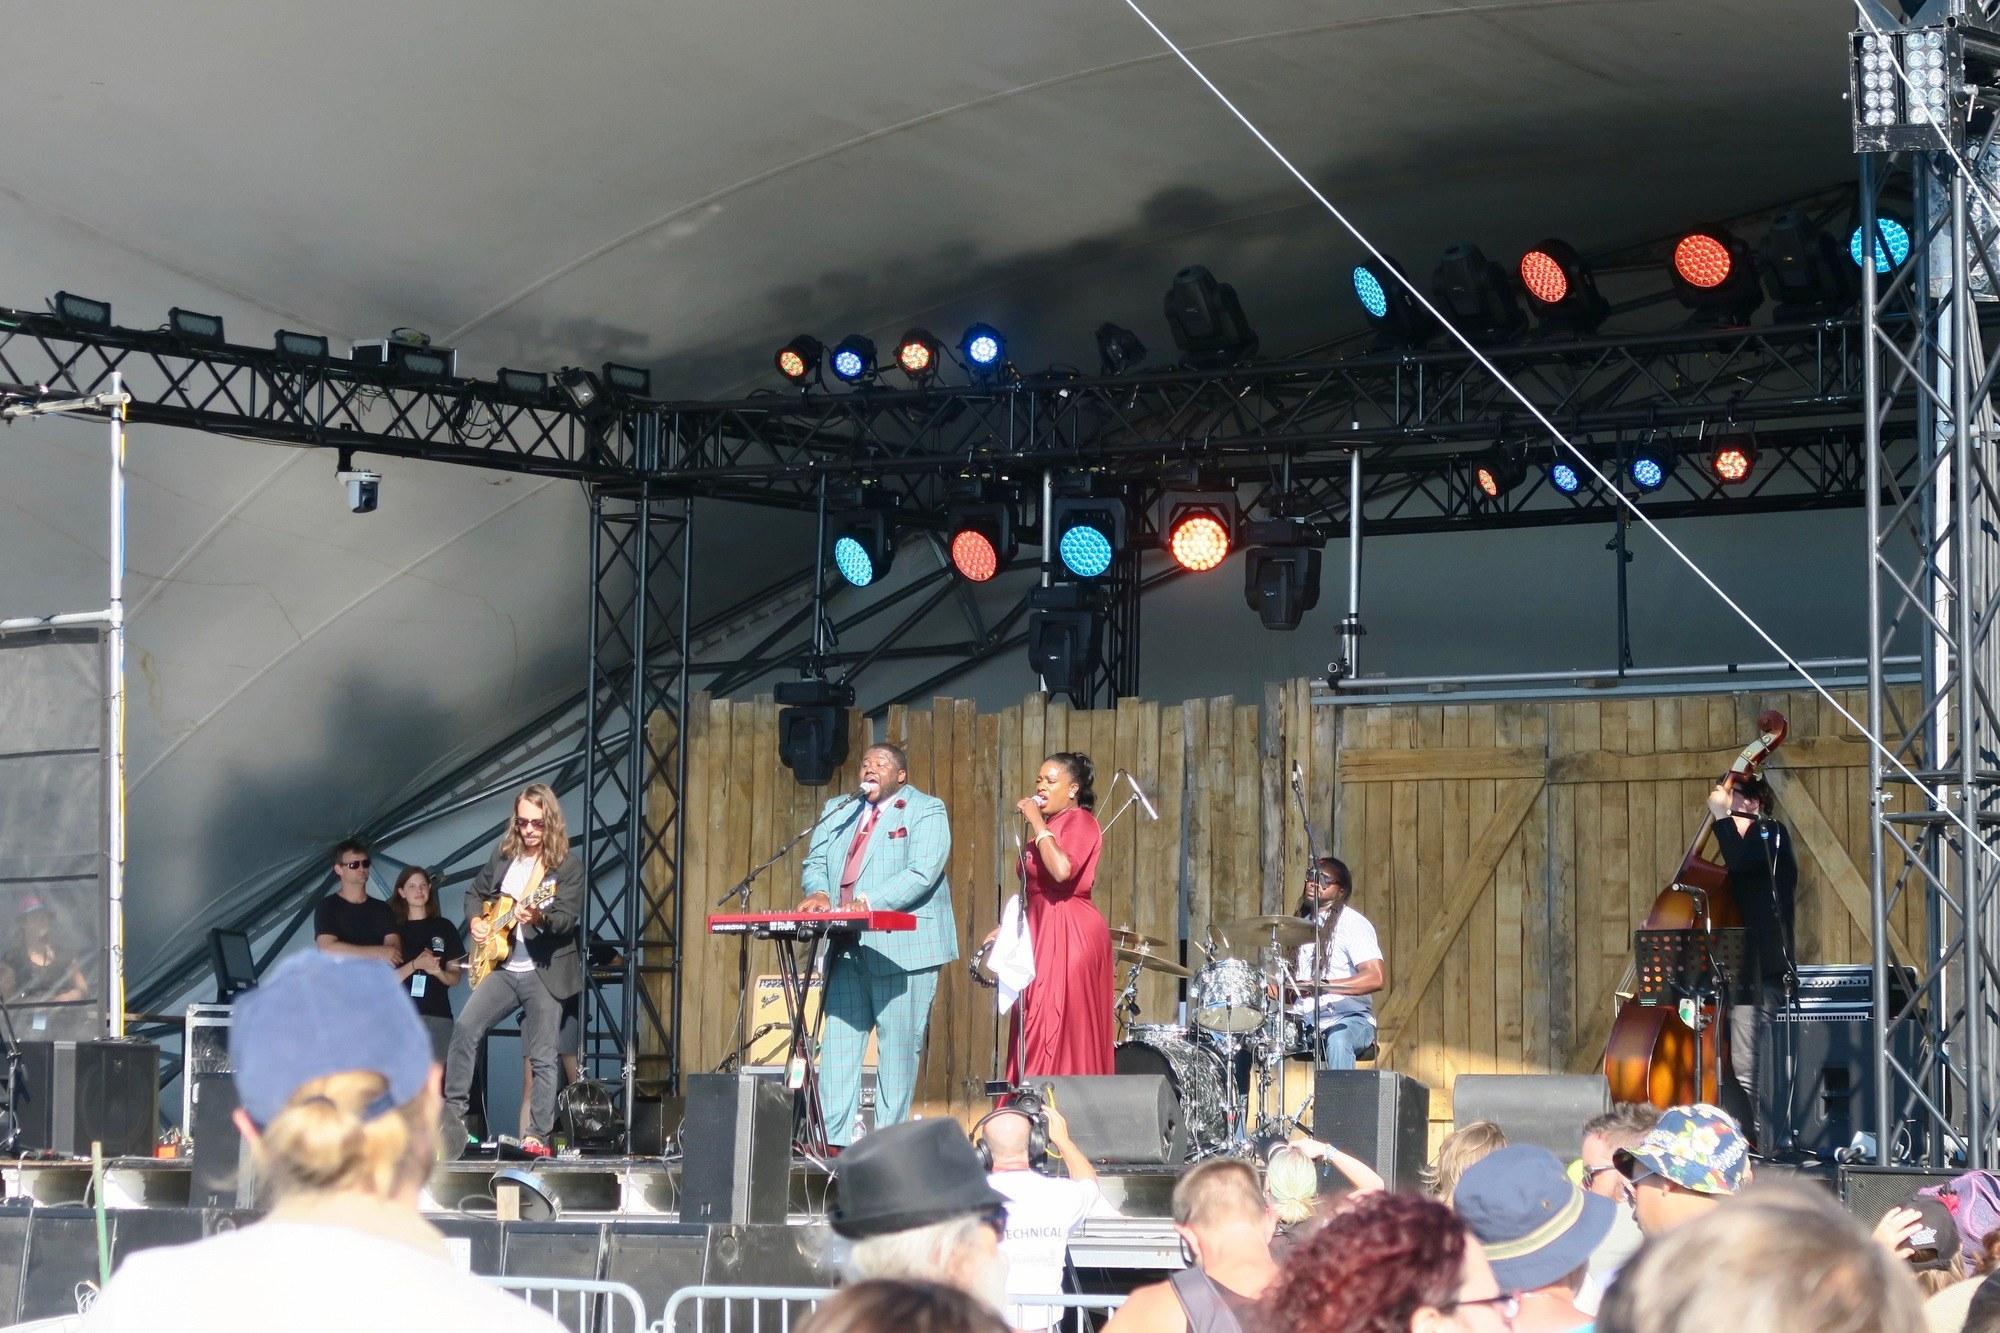 winnipeg folkfest